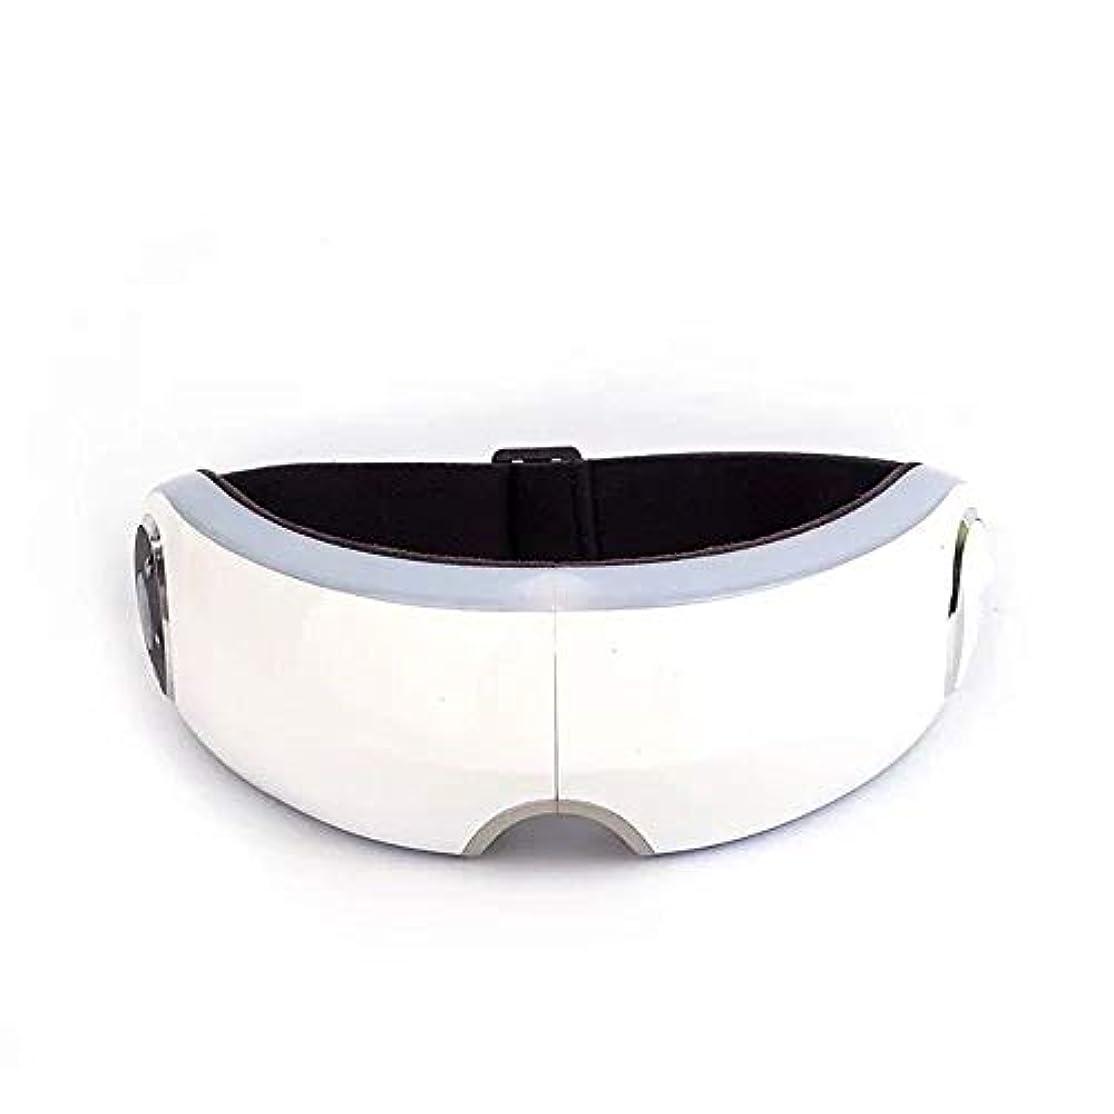 防衛不正直ステレオタイプVc 女性のファッションアイマッサージャー充電式アイプロテクタービジョントレーナー高品質アイプロテクタースマートマッサージャー 品質保証